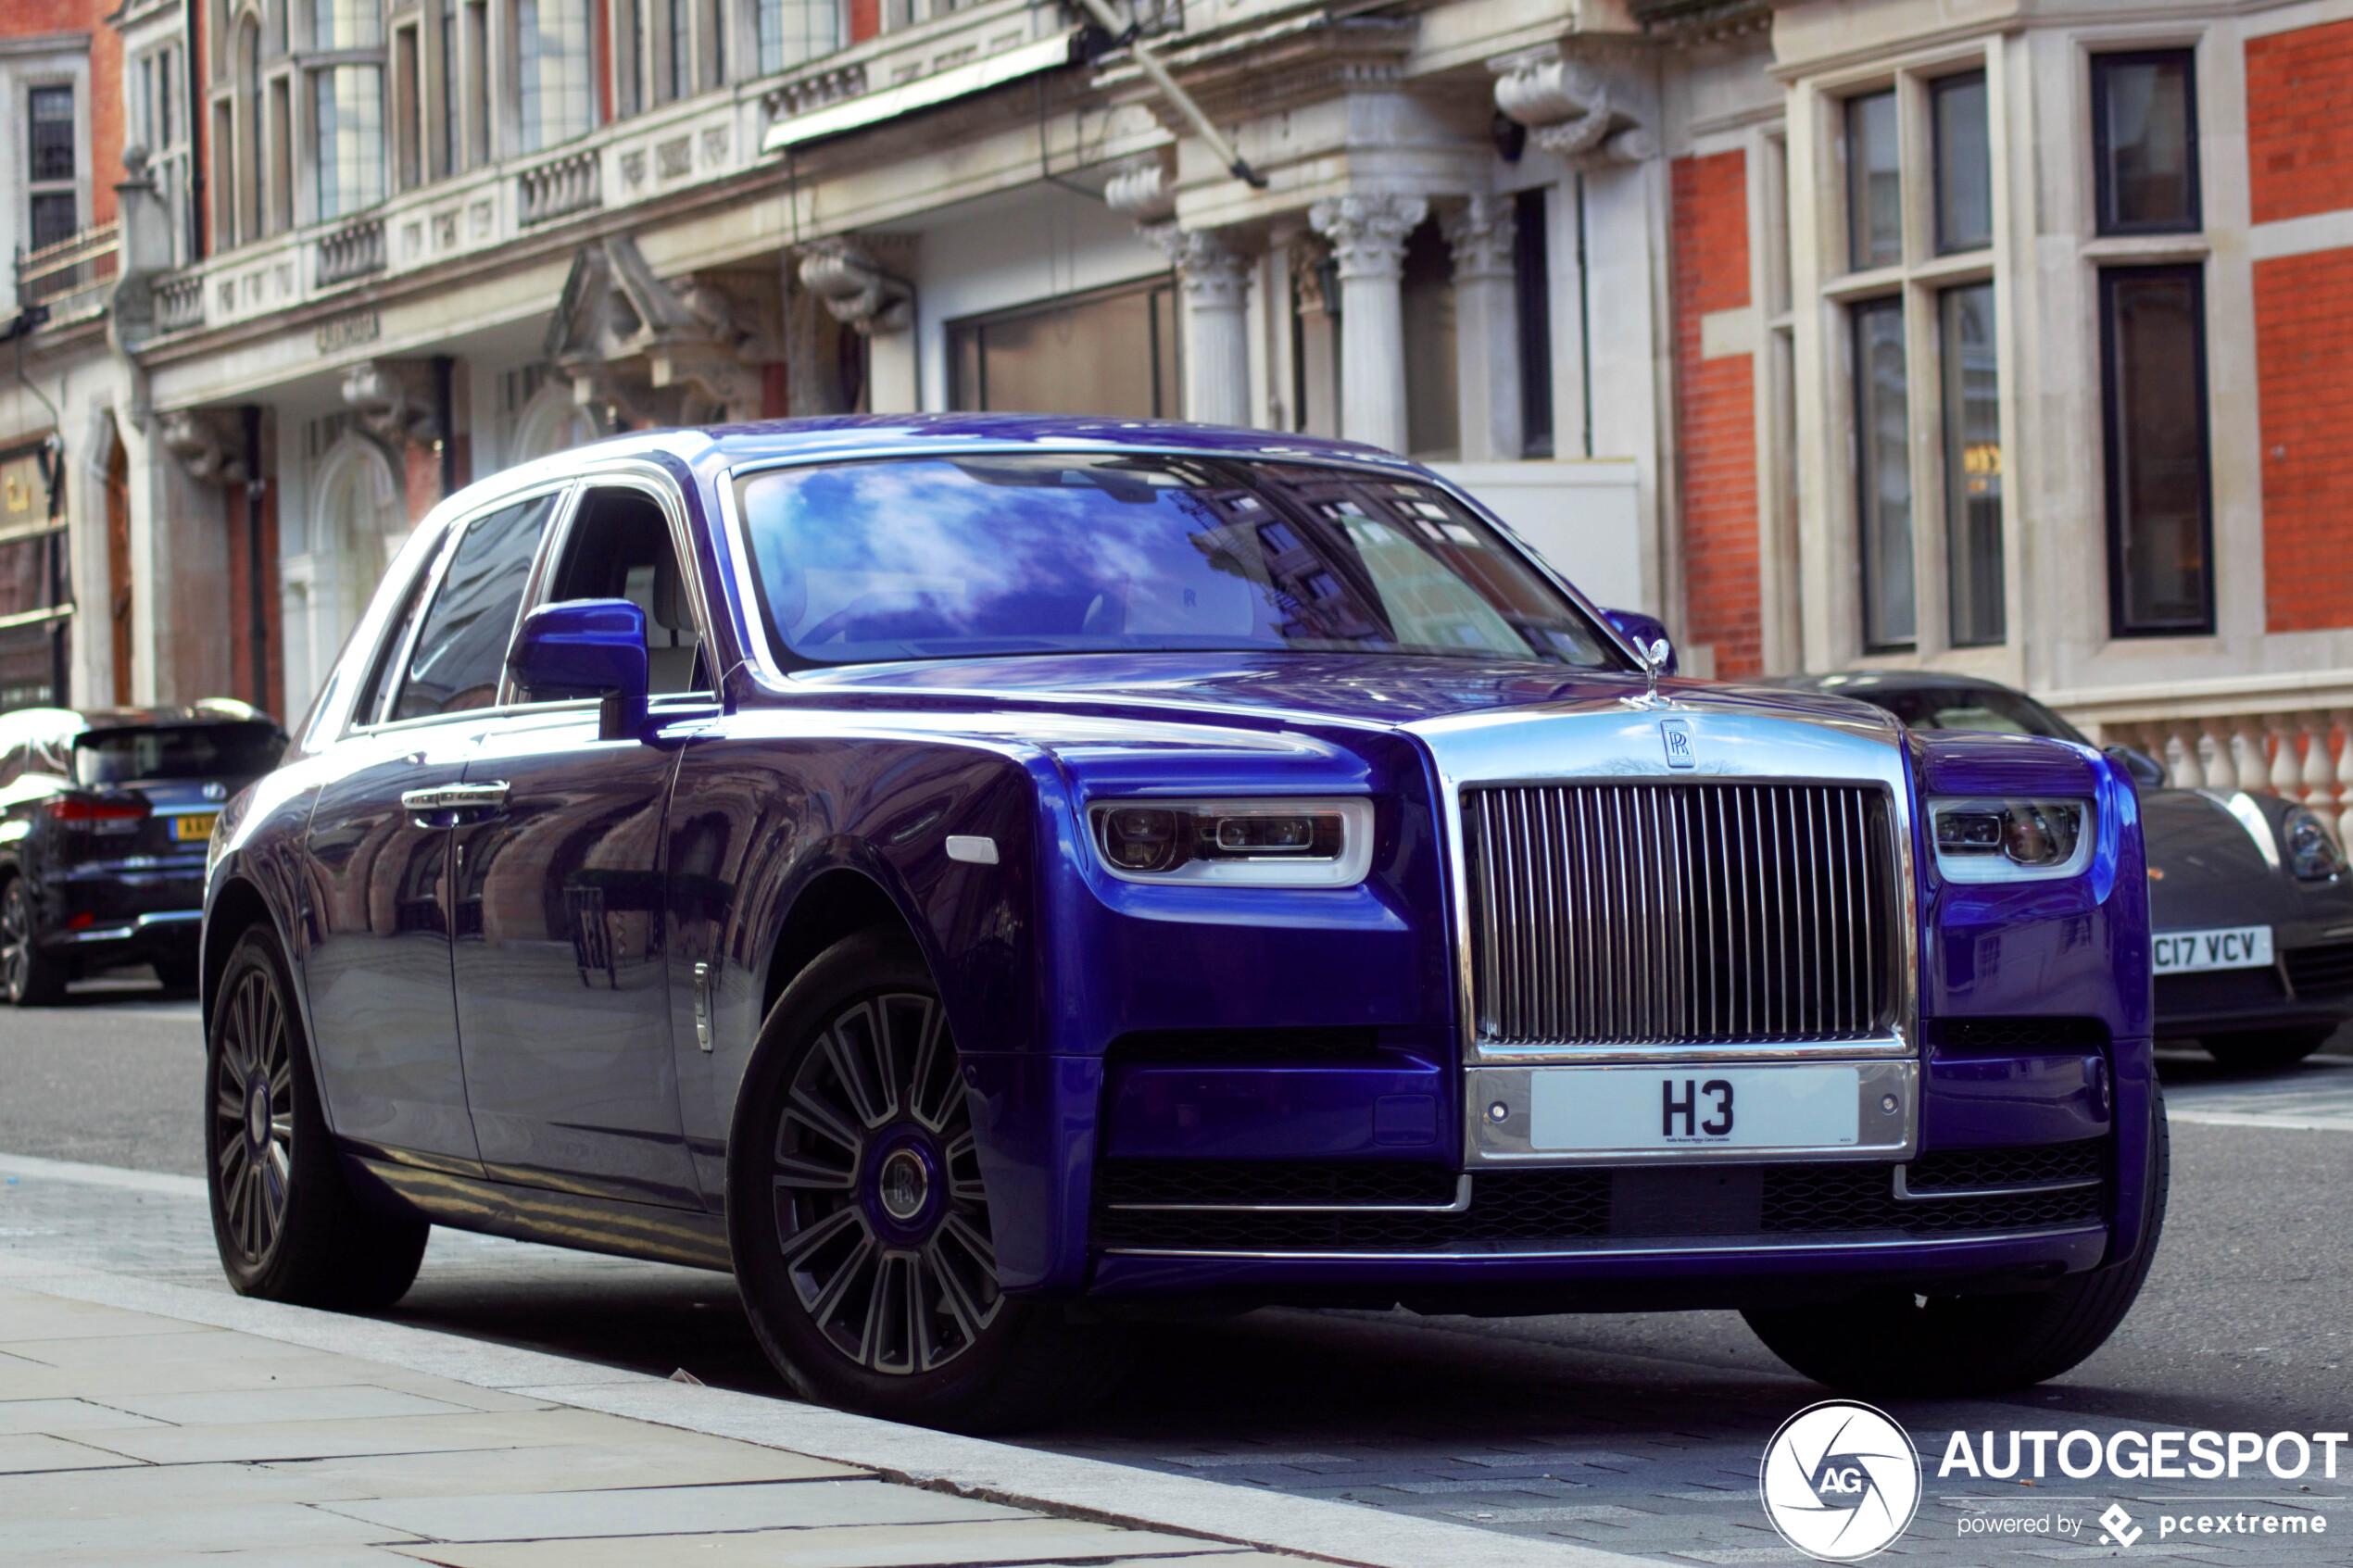 2020 Rolls Royce Phantoms Release